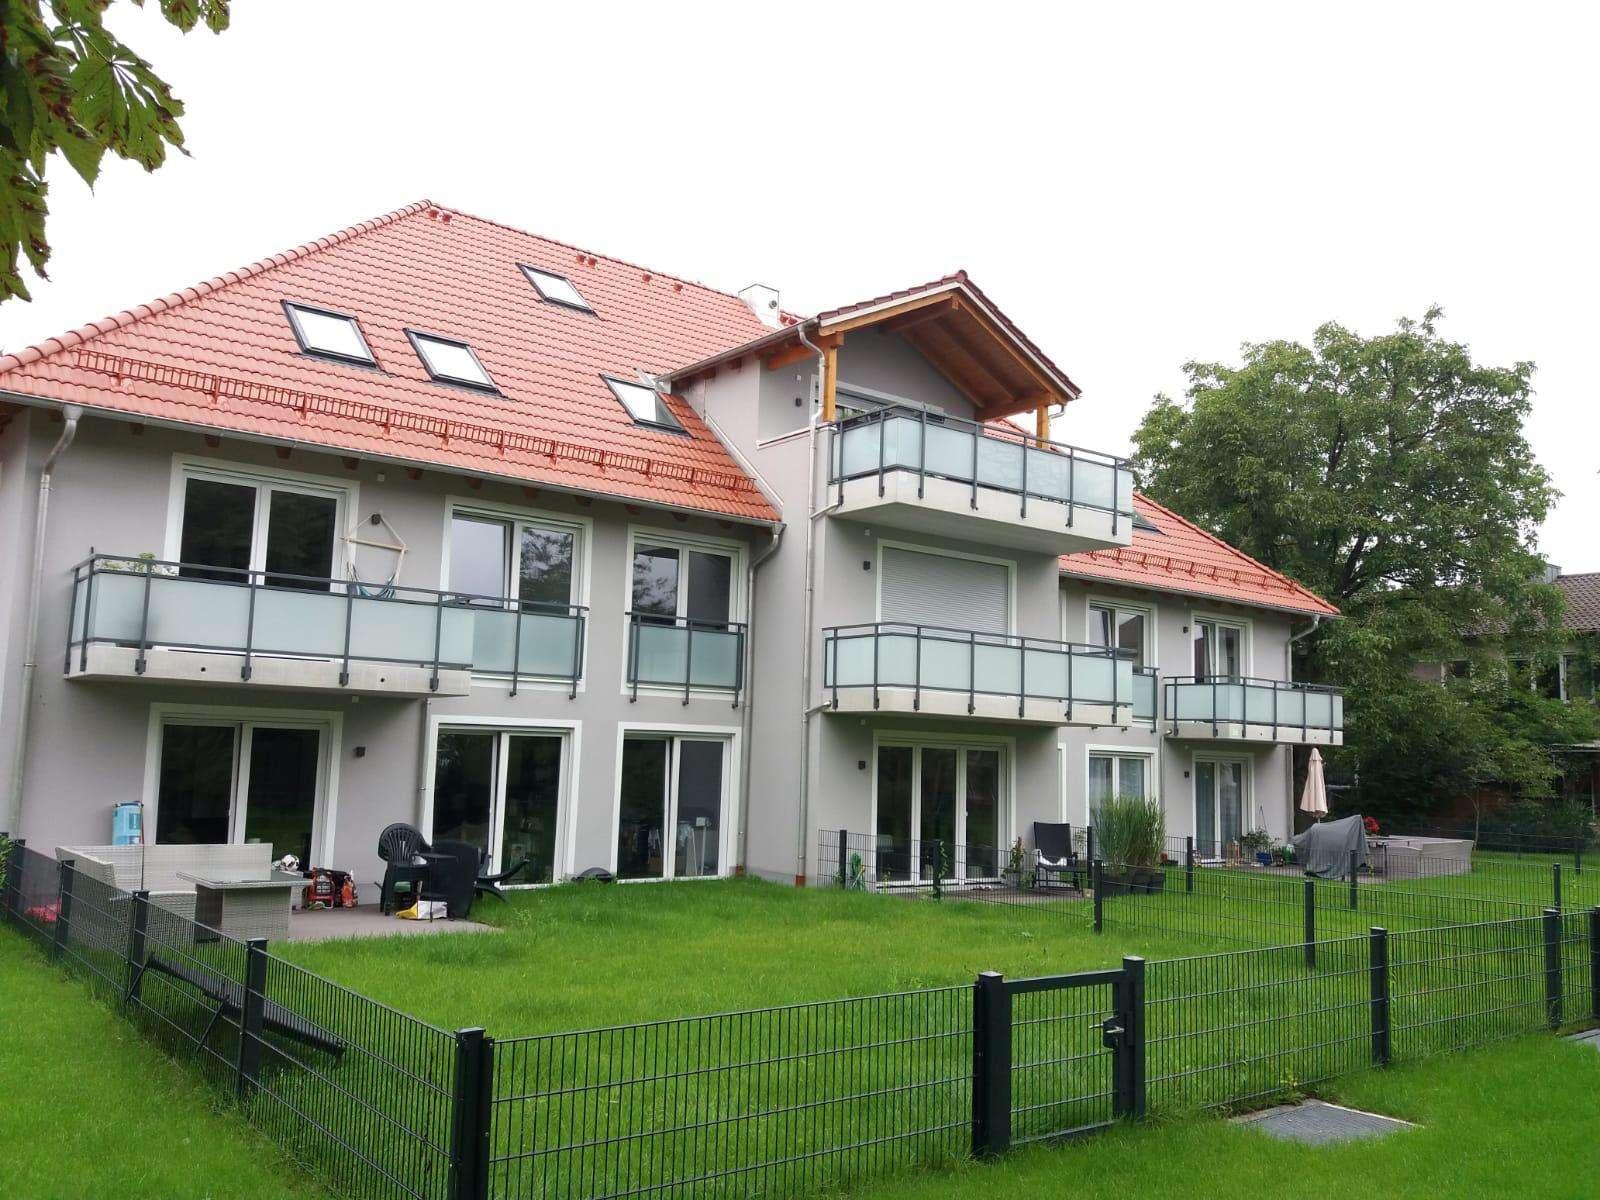 TOP*TOP*TOP*Pärchentraum*Erstbezug*Dachgeschoss-Galerie-Wohnung*Neubau*ruhig und zentral* in Forstenried (München)